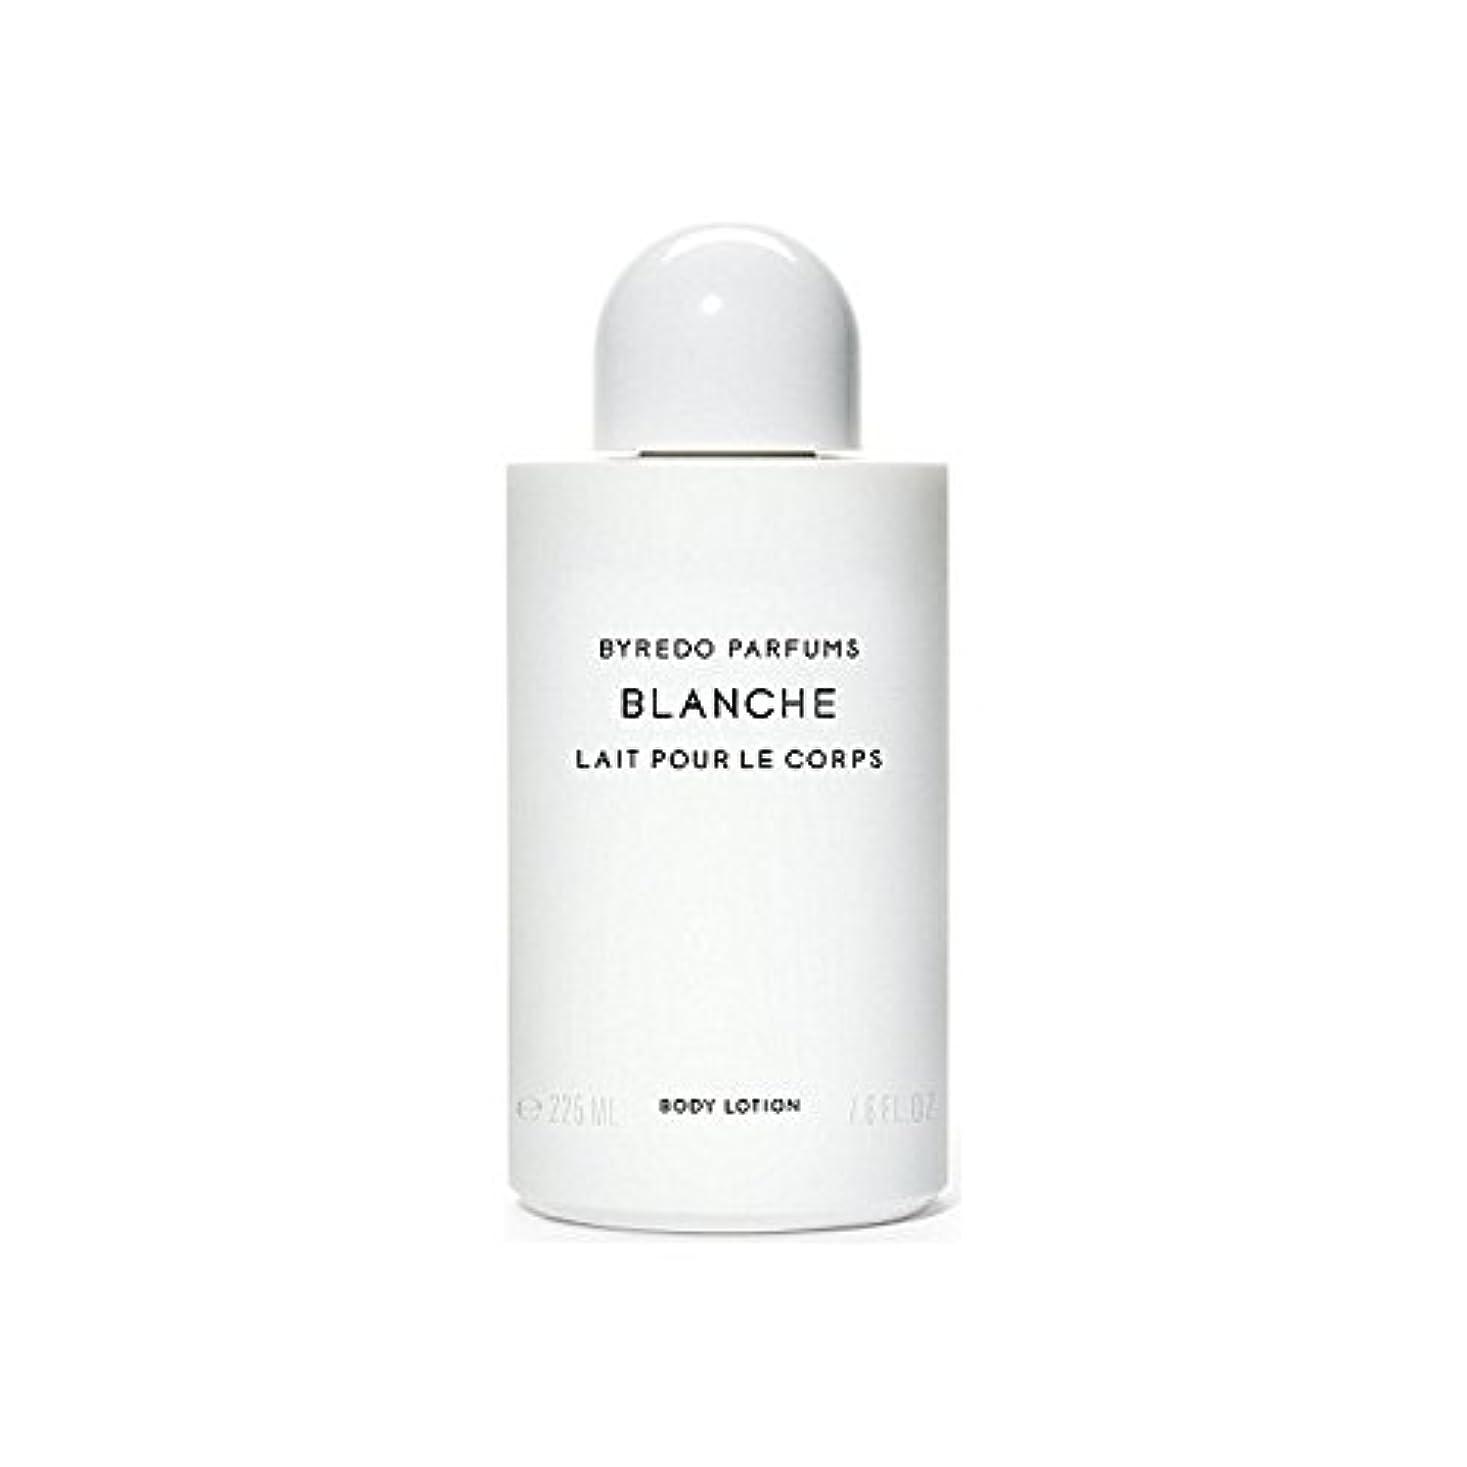 オーナー変換するほのめかすブランシュボディローション225ミリリットル x4 - Byredo Blanche Body Lotion 225ml (Pack of 4) [並行輸入品]